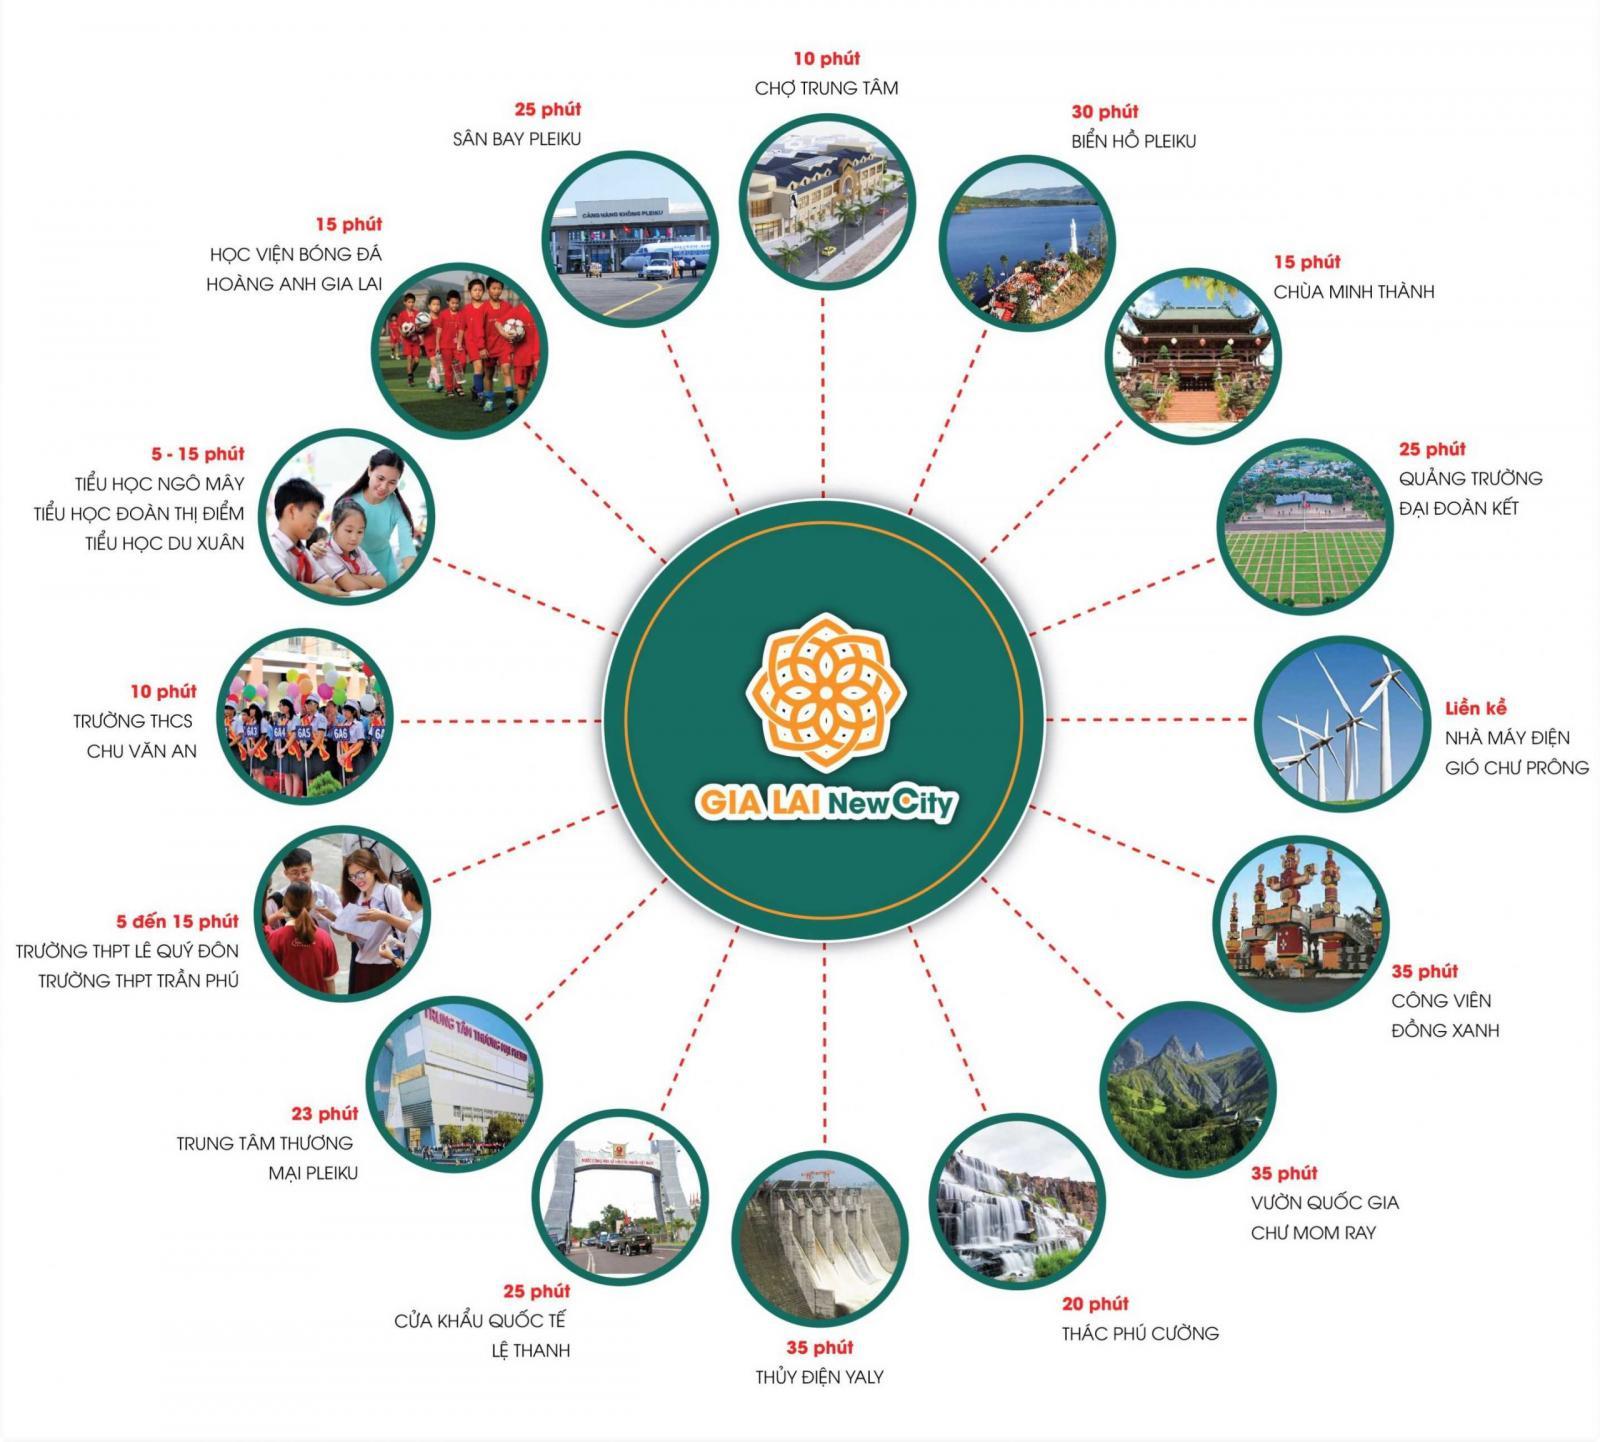 Dự án khu đô thị mới Gia Lai New City 1